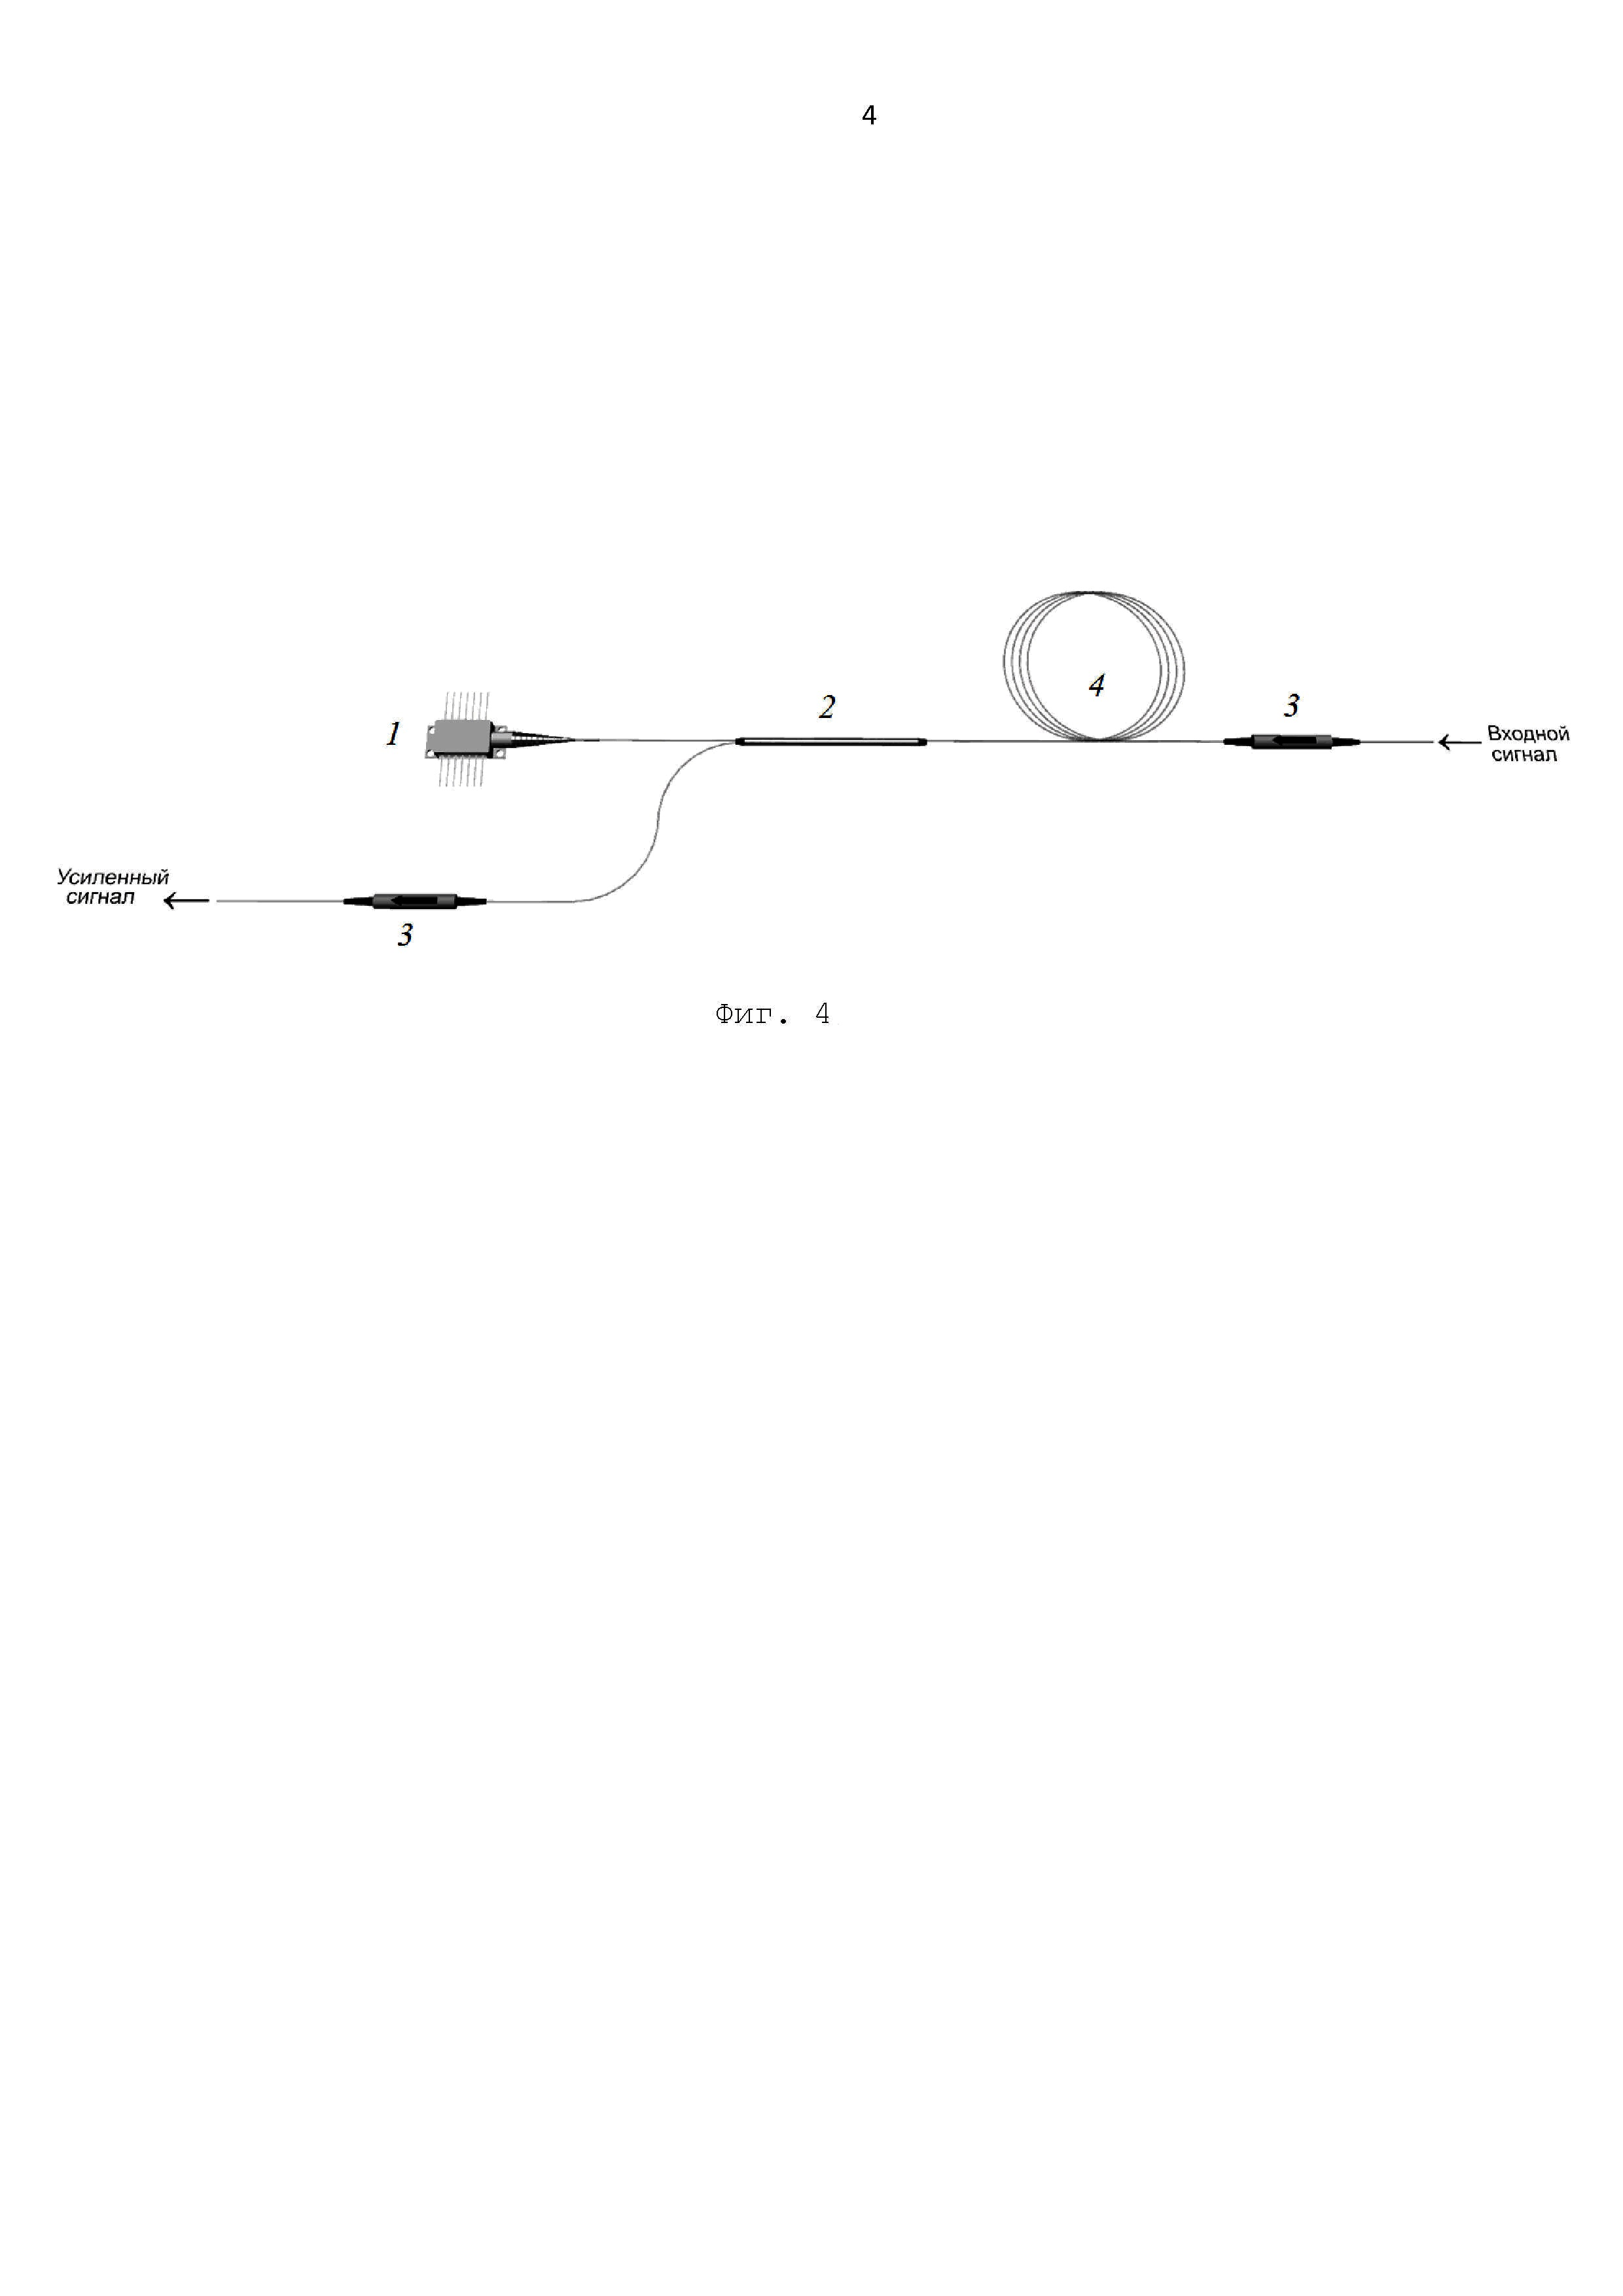 Волоконный световод для усиления оптического излучения в спектральной области 1500-1800 нм, способ его изготовления и широкополосный волоконный усилитель